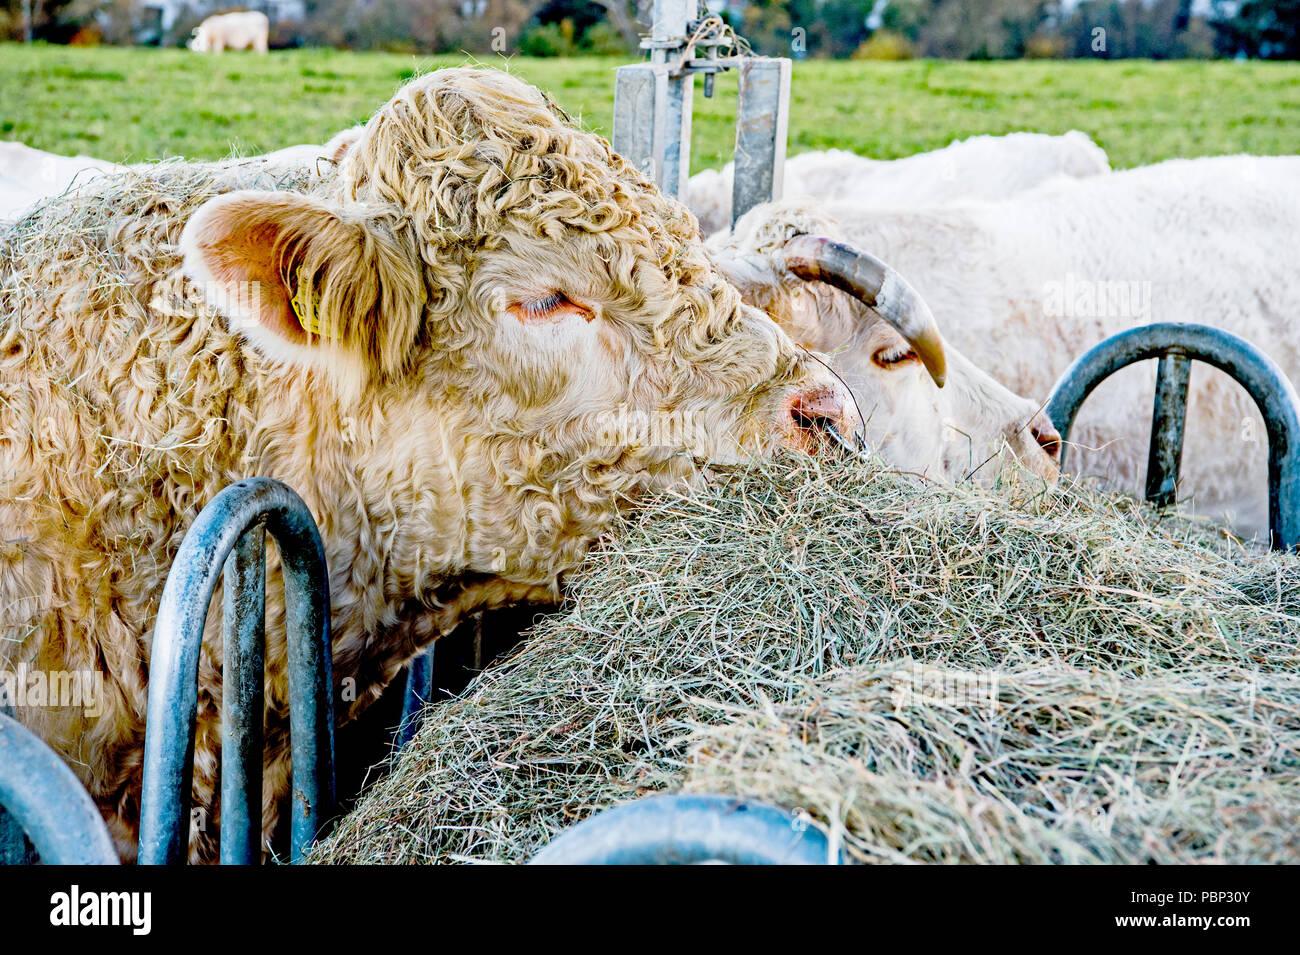 Cows outdoor, munching hay: Kuehe auf der Weide, Heu fressend - Stock Image